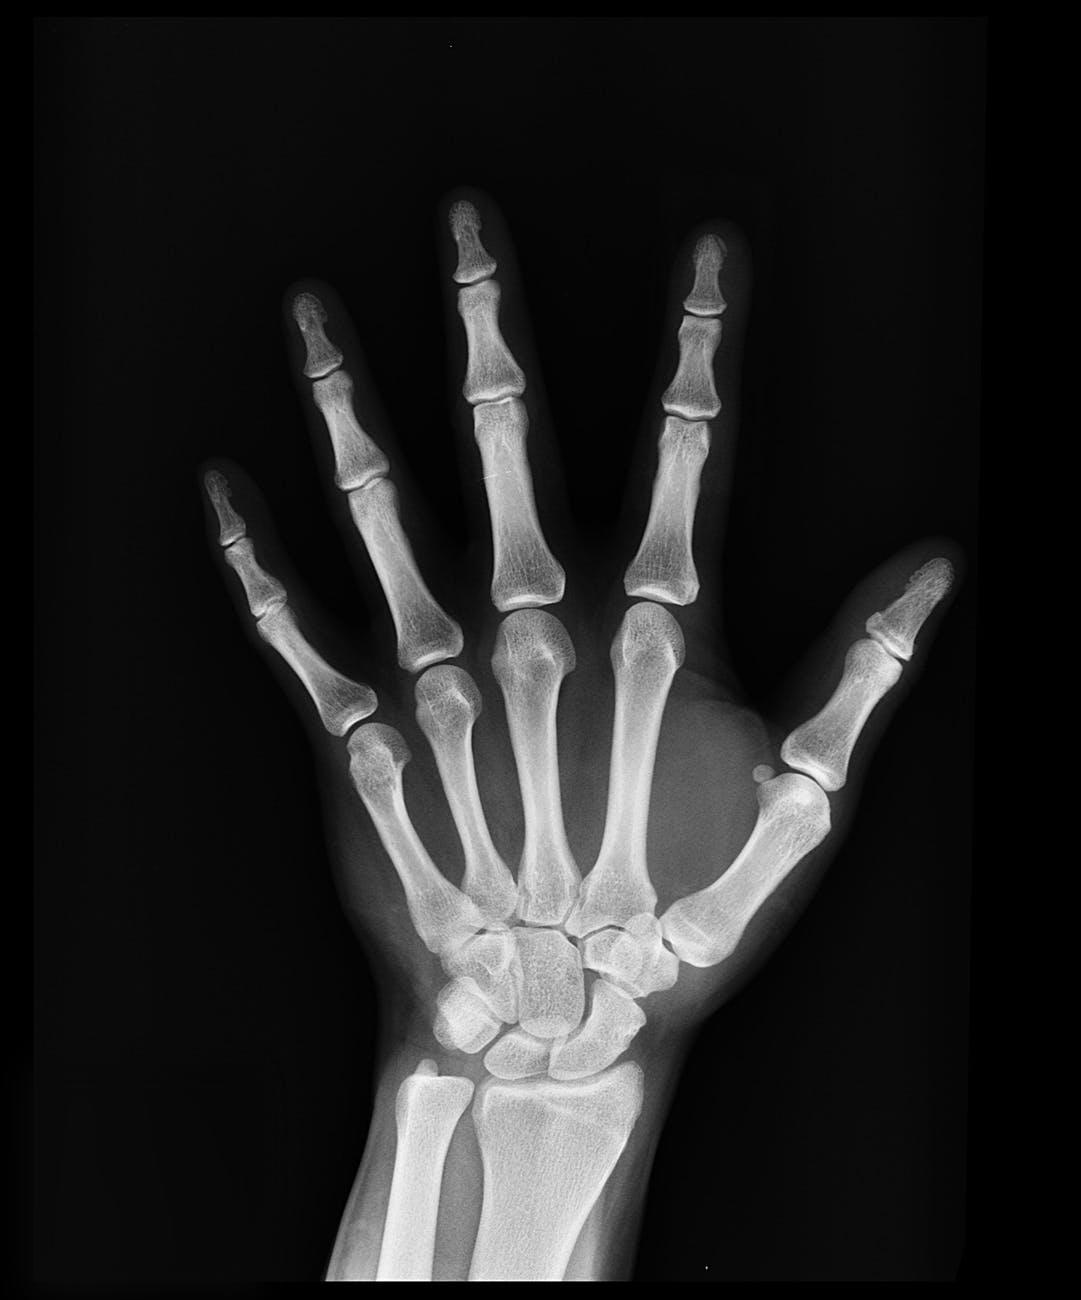 Radiografía de untrauma